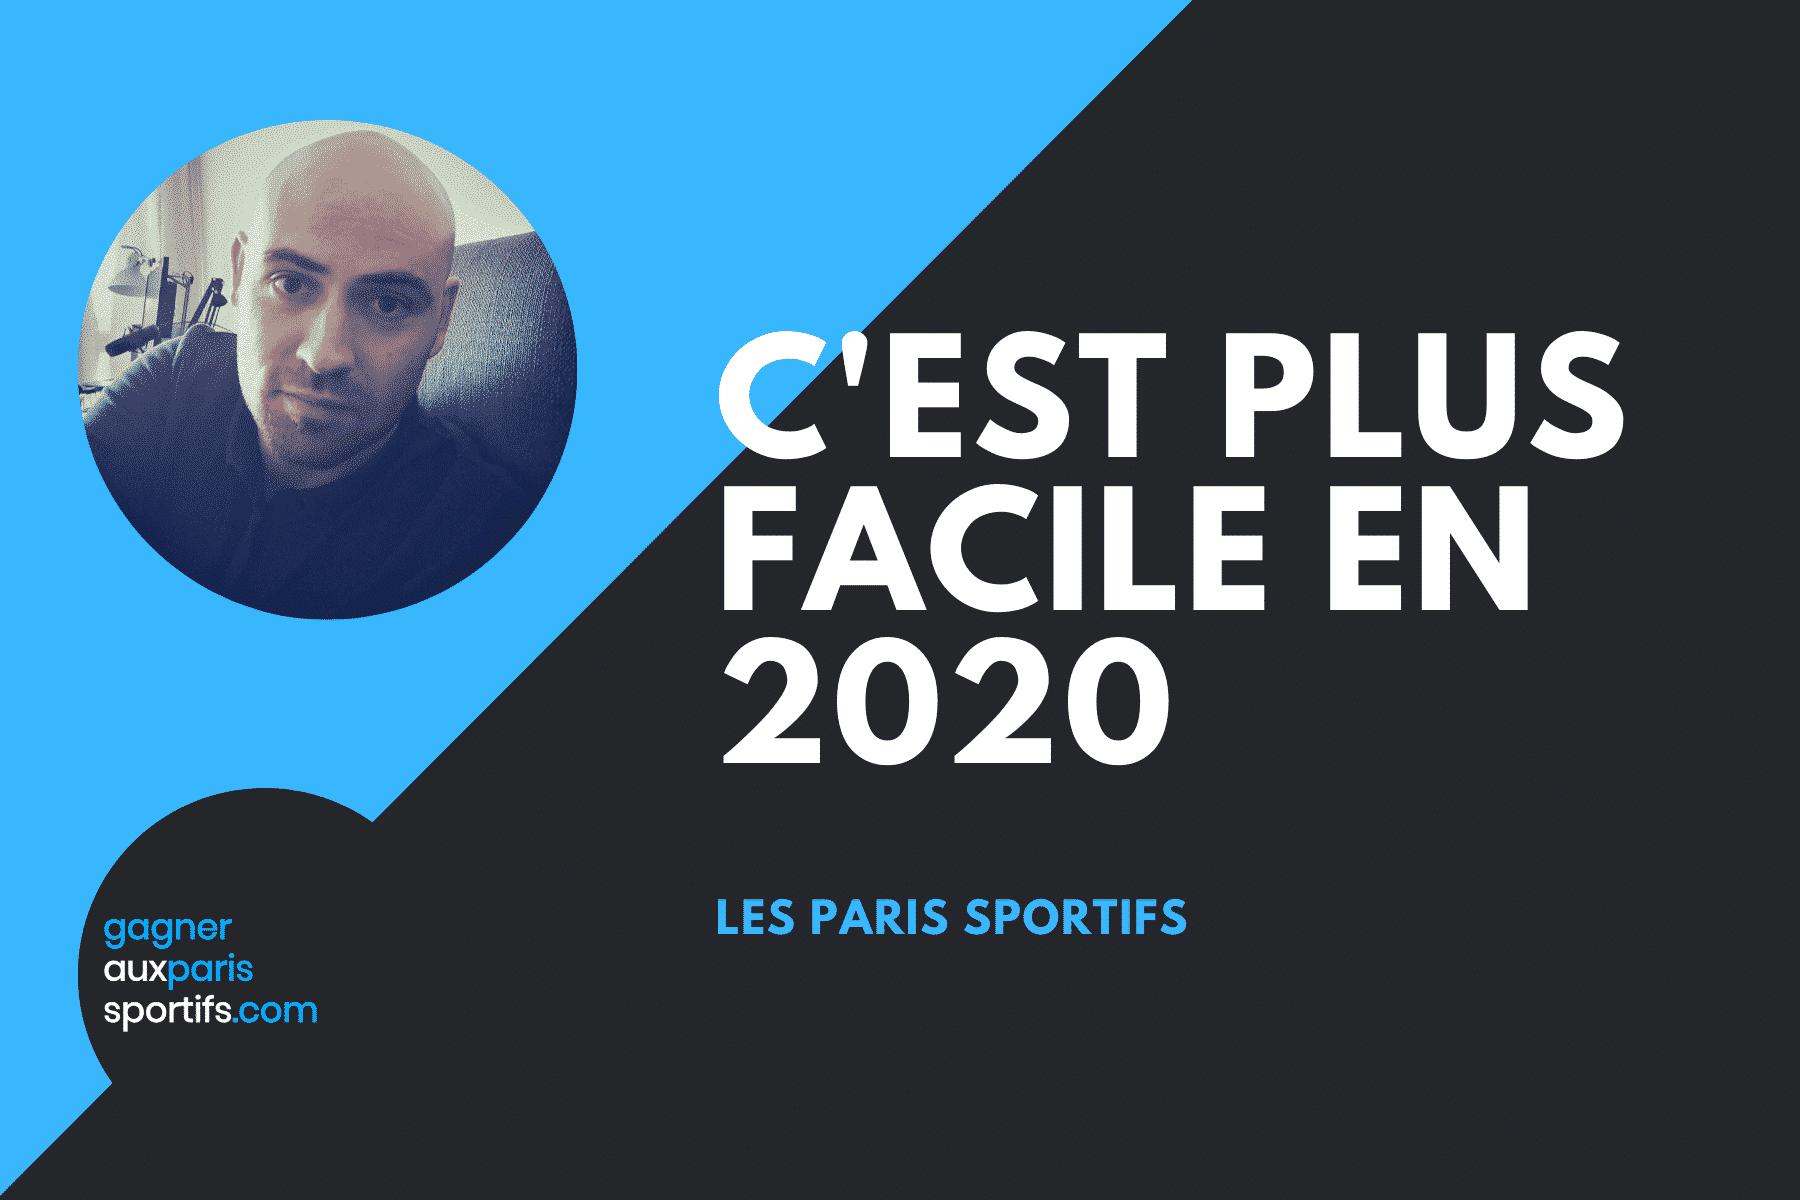 PARIS SPORTIFS : C'EST PLUS FACILE EN 2020